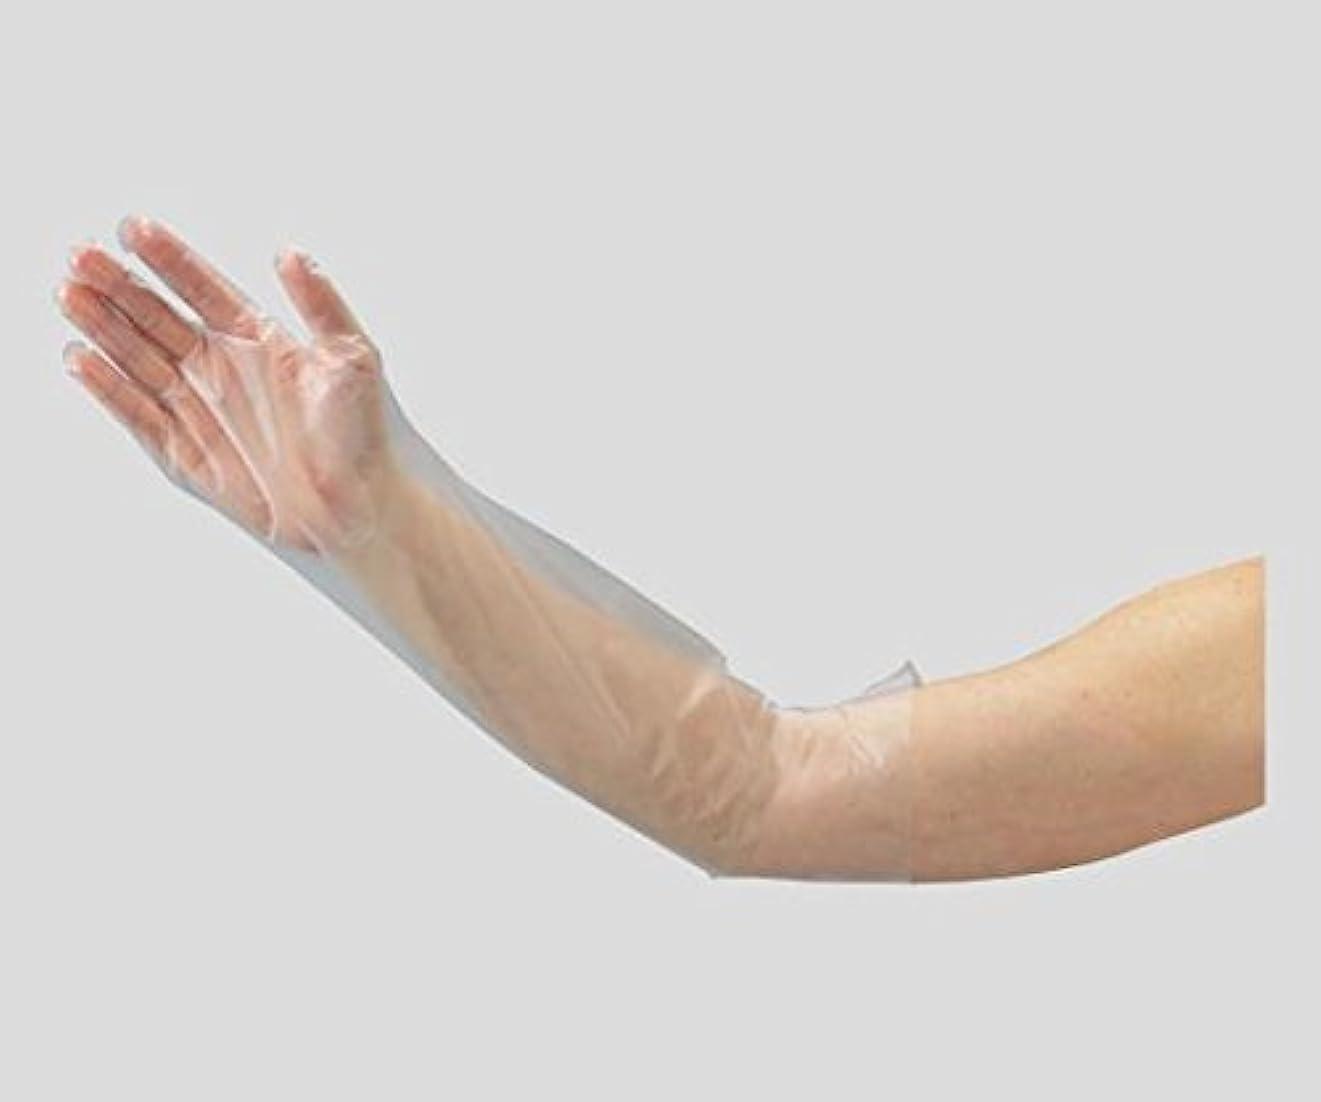 リルトンネル畝間2-9757-01ポリエチレンロング手袋(ひじピタ)S100枚入